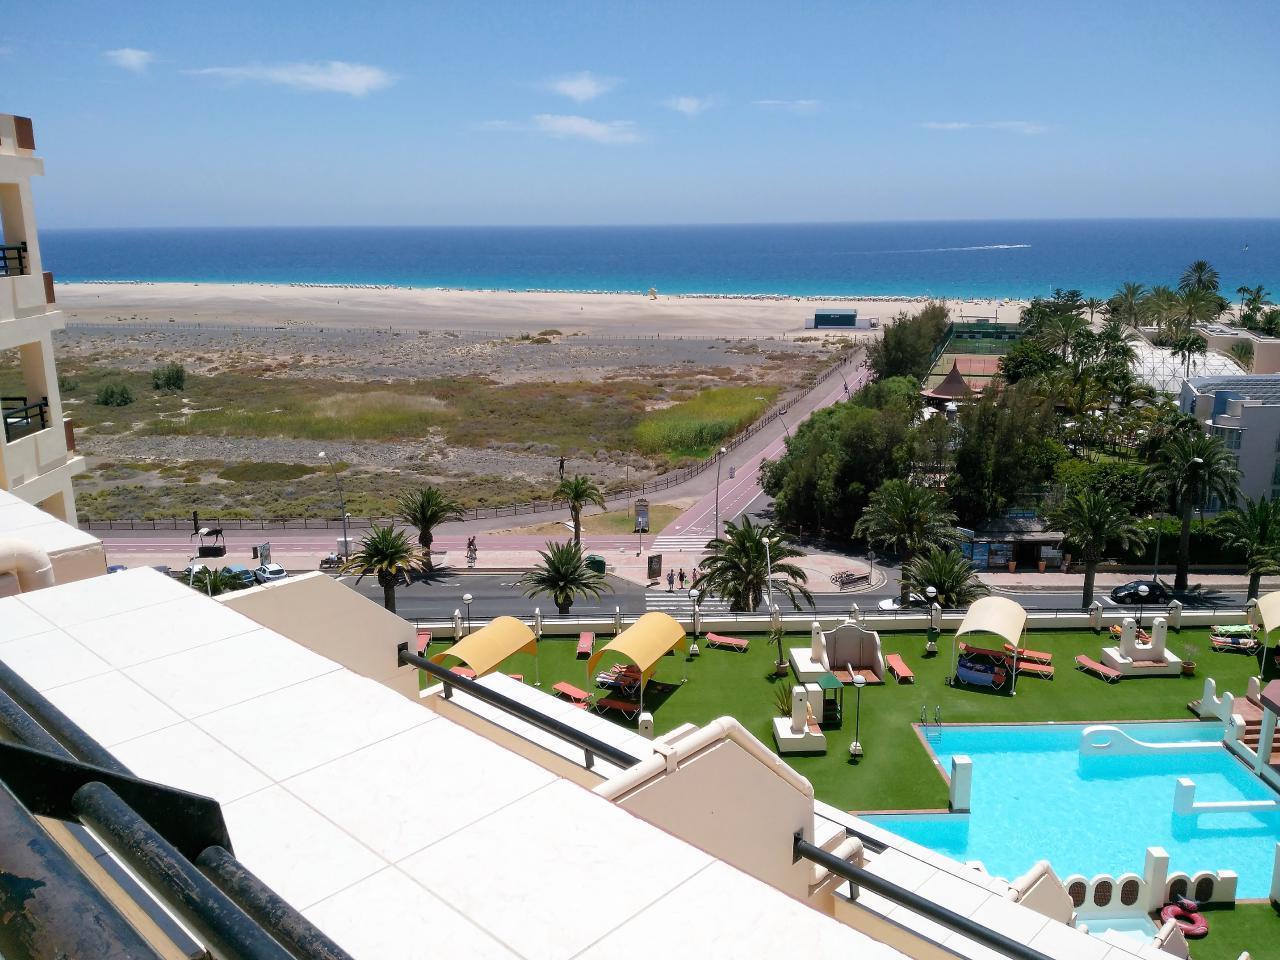 Ferienwohnung Apartment 2 / 4er Direkt am Meer, mit Blick auf den Strand, Schwimmbäder, ausgestattet. WI (634890), Morro Jable, Fuerteventura, Kanarische Inseln, Spanien, Bild 1